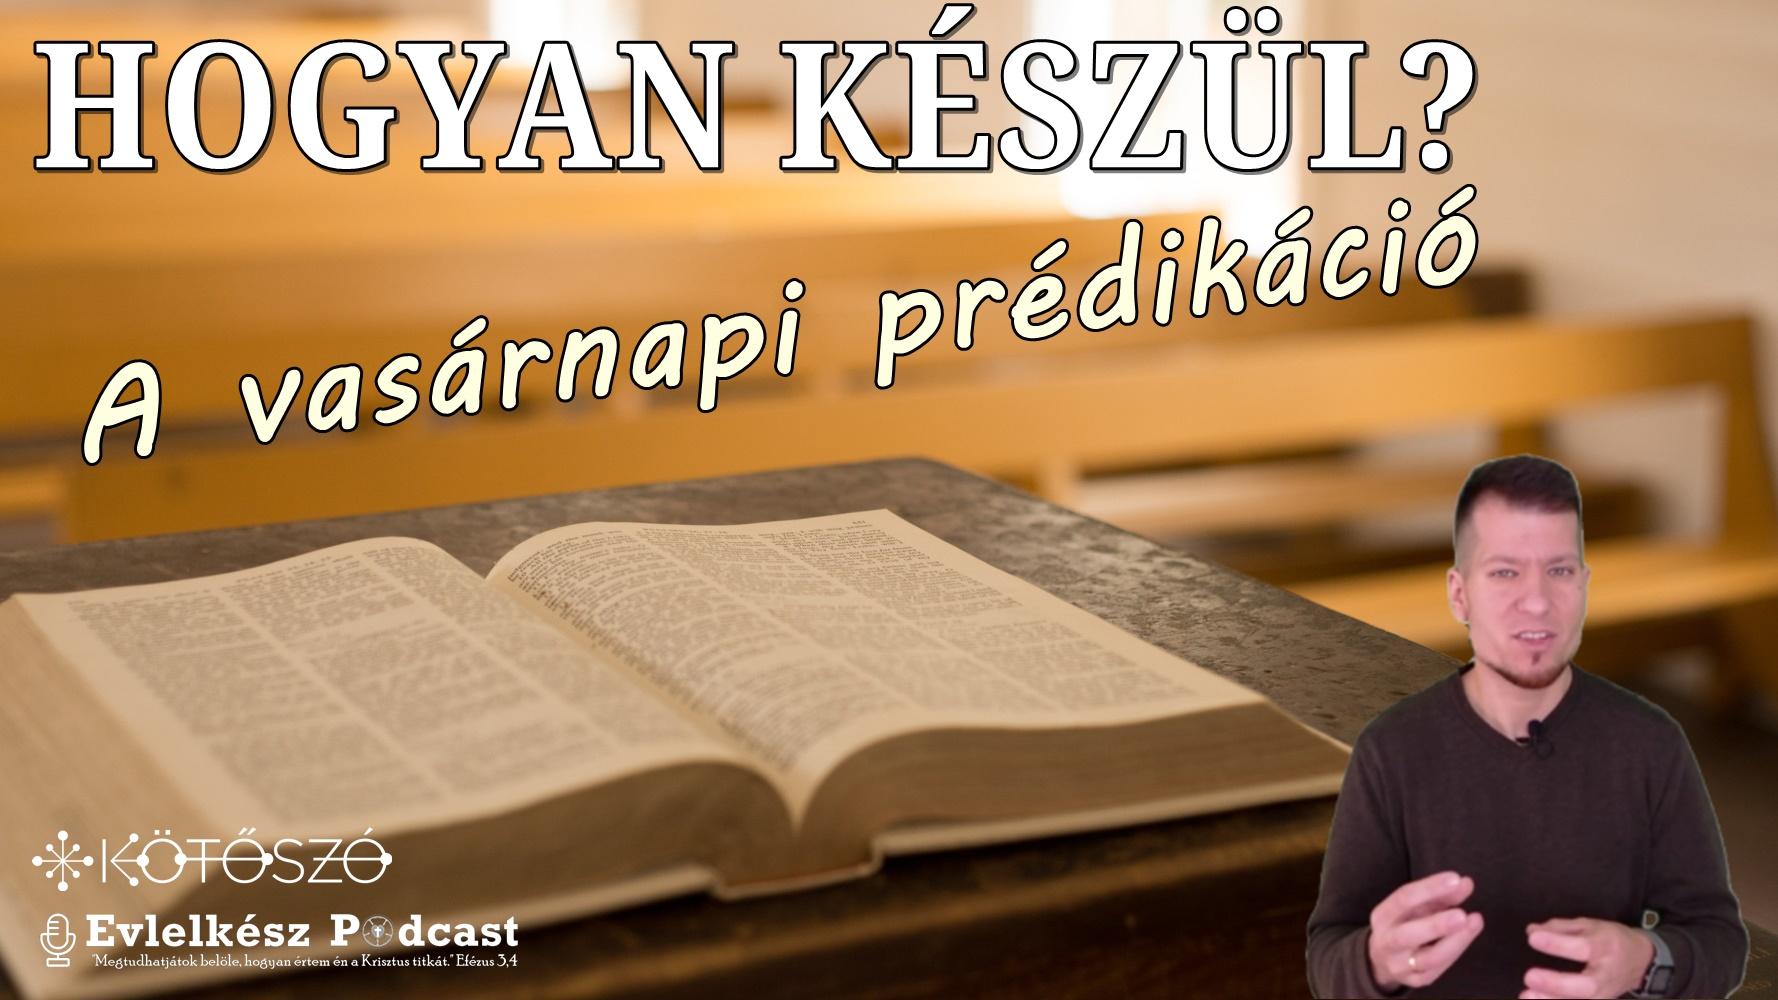 Hogyan készül a vasárnapi prédikáció? – Most eláruljuk!